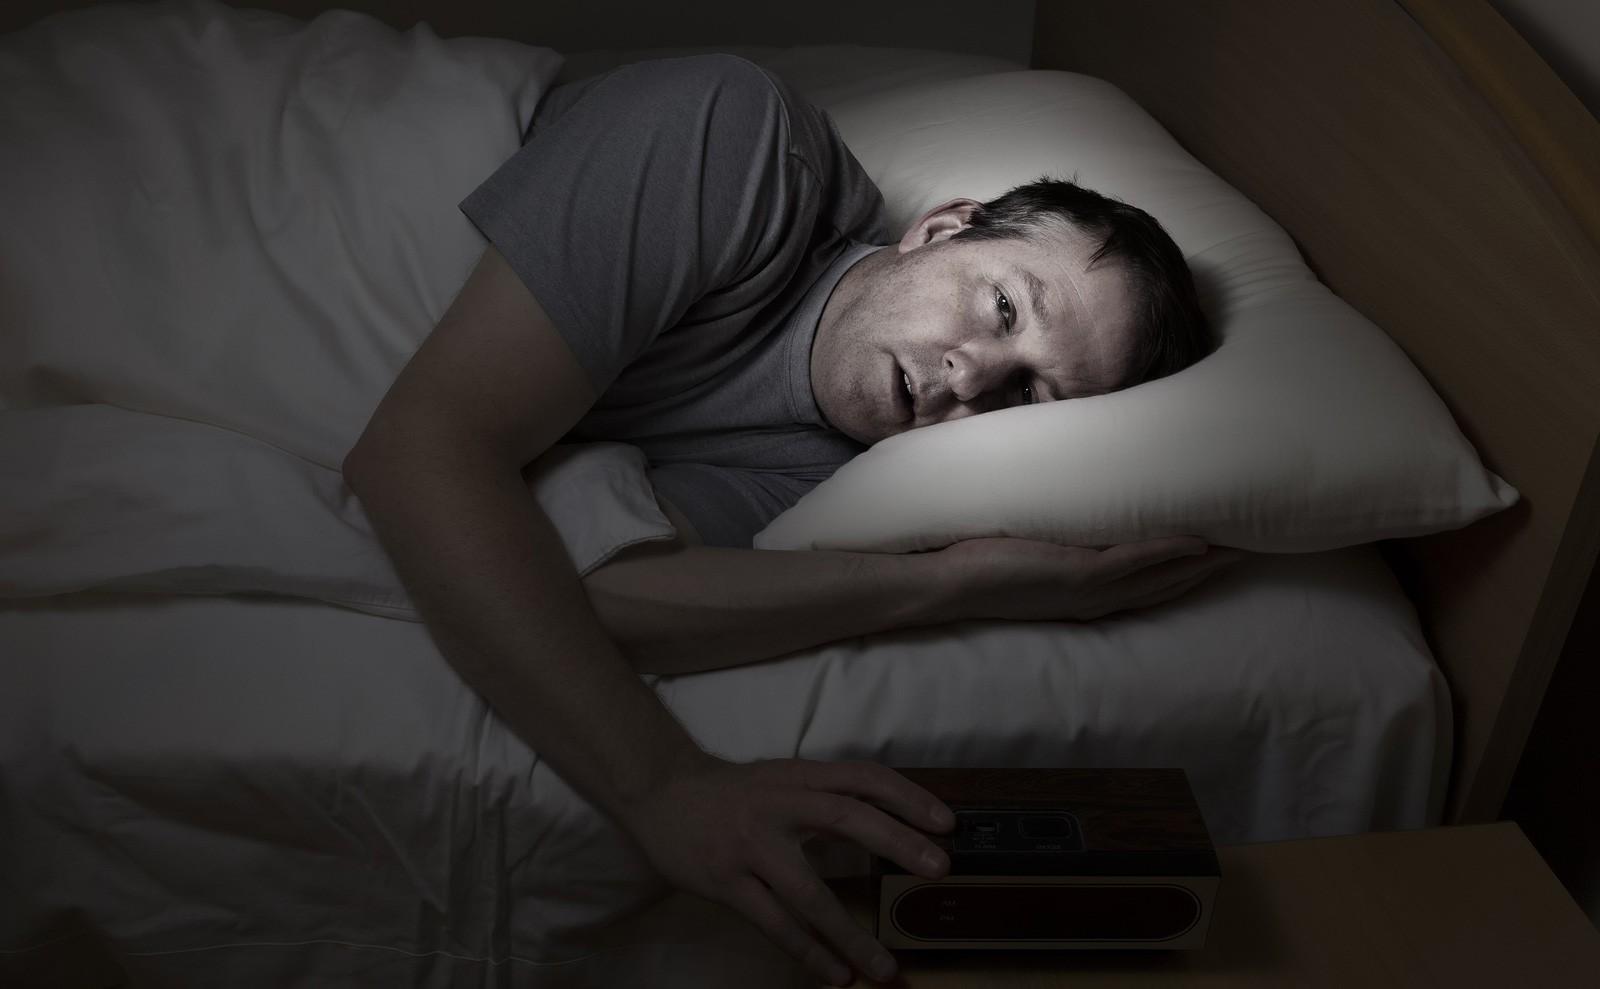 Шөнө олон удаа бие засах нь давсны хэрэглээтэй холбоотой